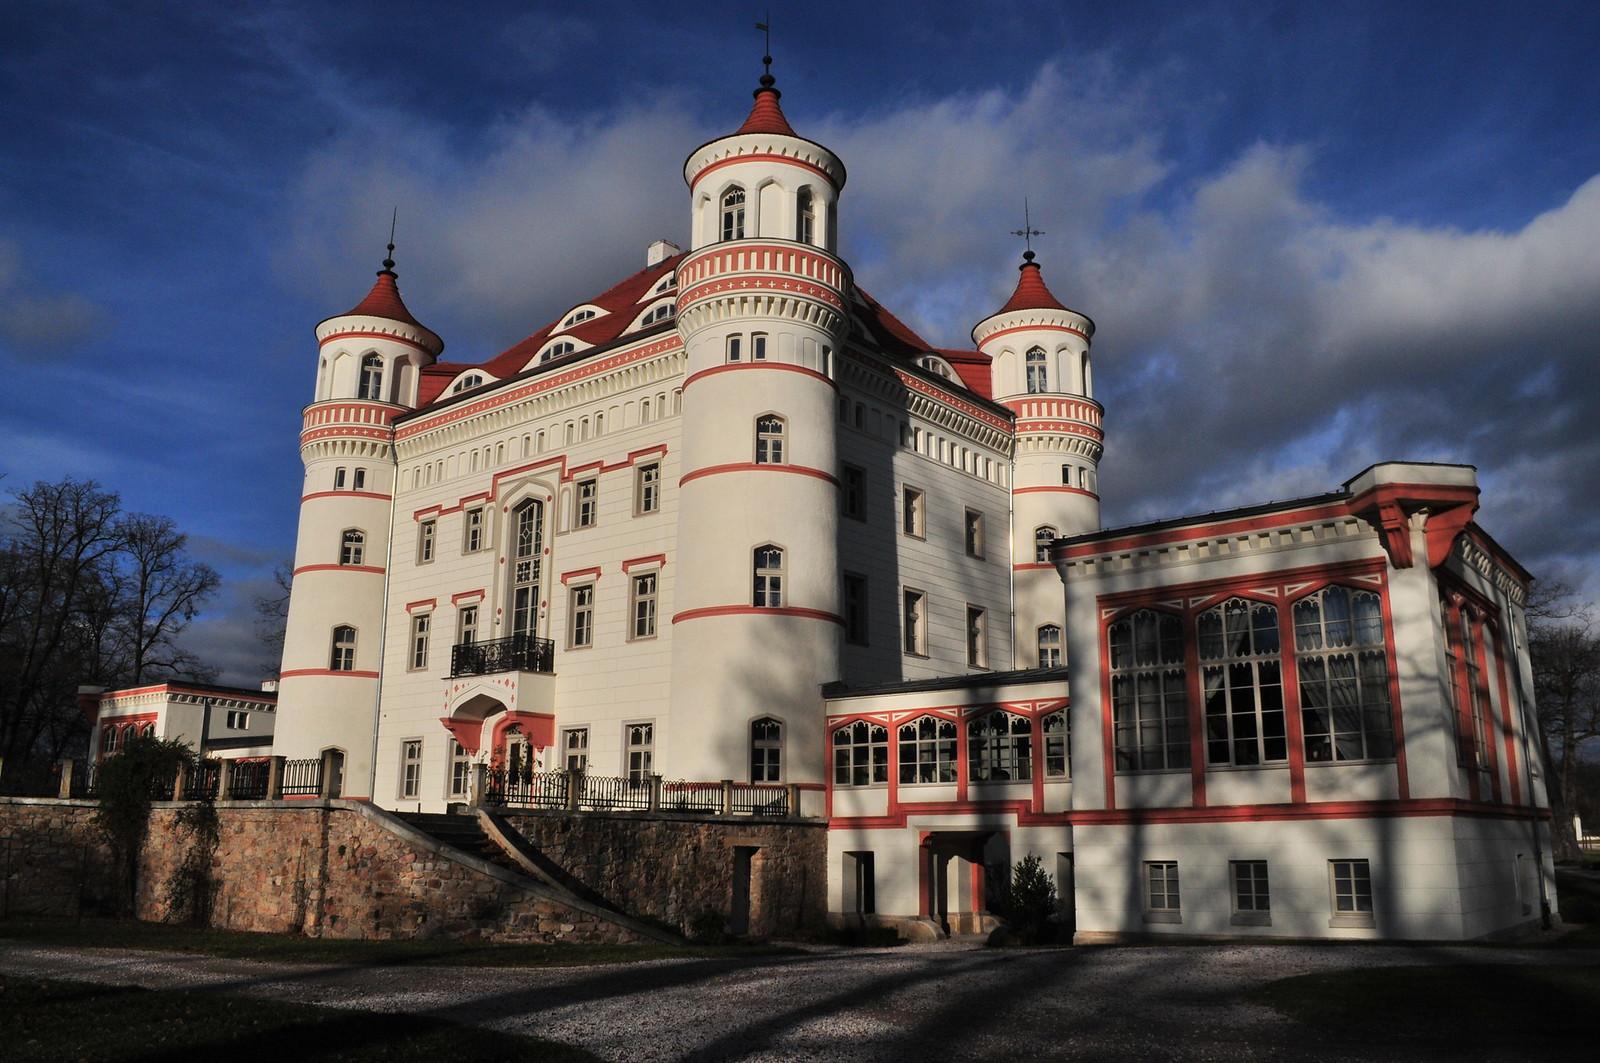 Wojanov Palace, Lower Silesia, Poland